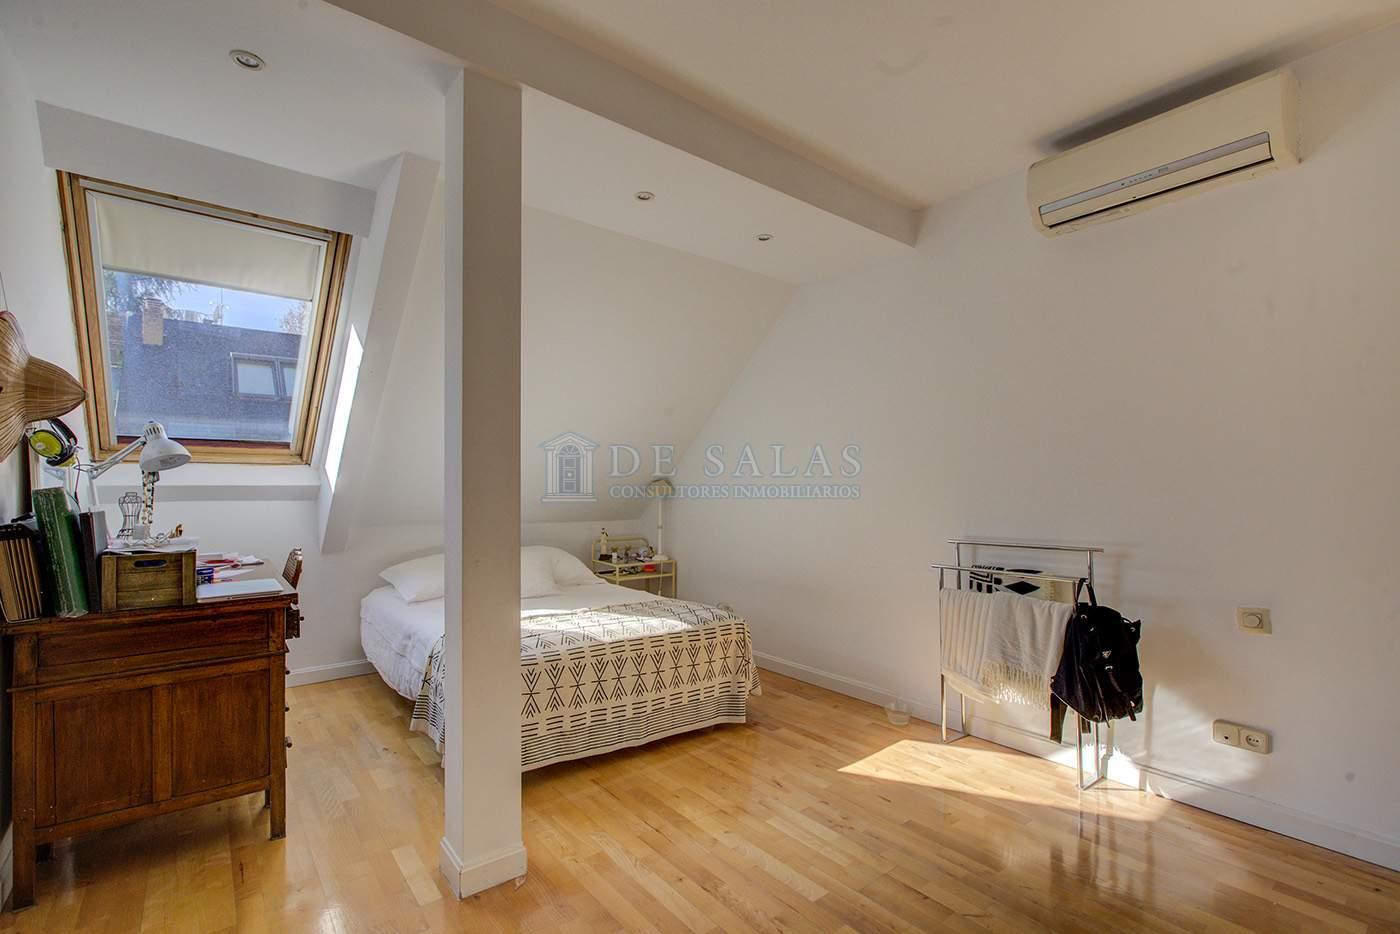 Dormitorio-IMG_9843_4_5 copia